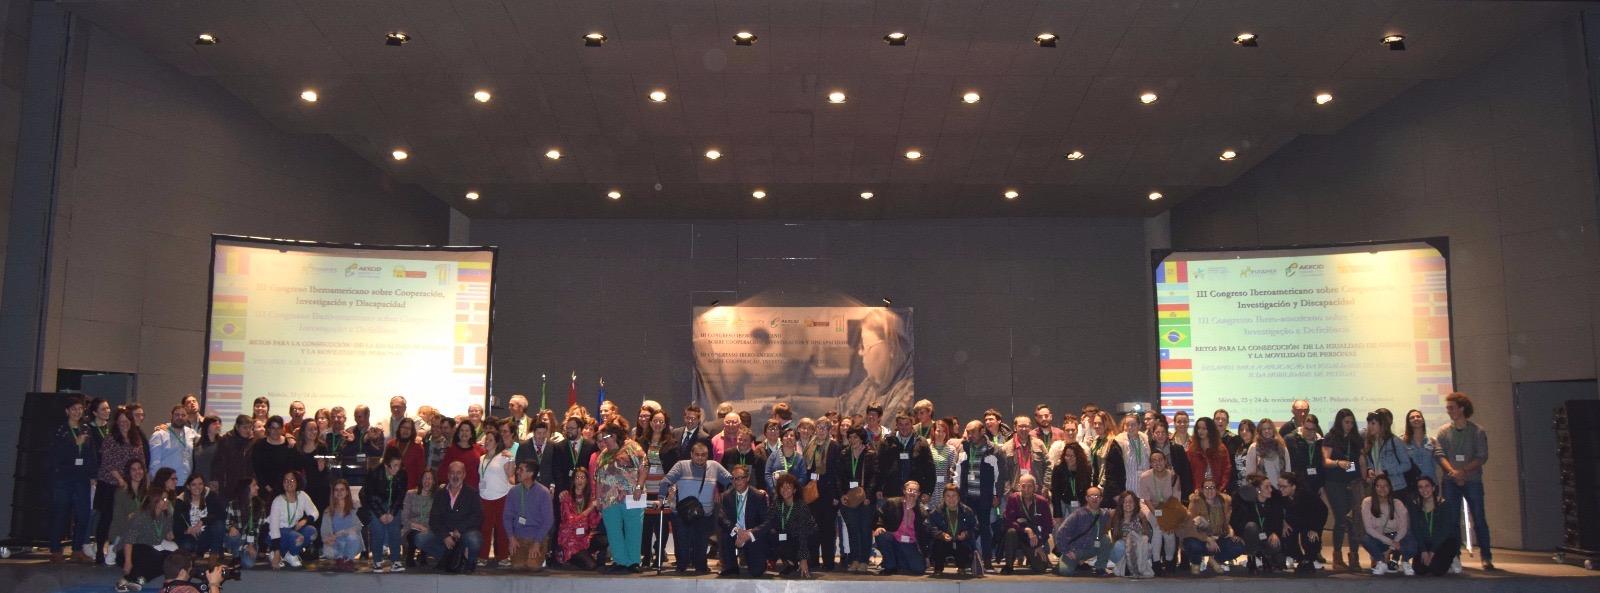 Compromiso, cooperación, derechos fundamentales, empleo y educación, claves para alcanzar la igualdad de género en el ámbito de la discapacidad